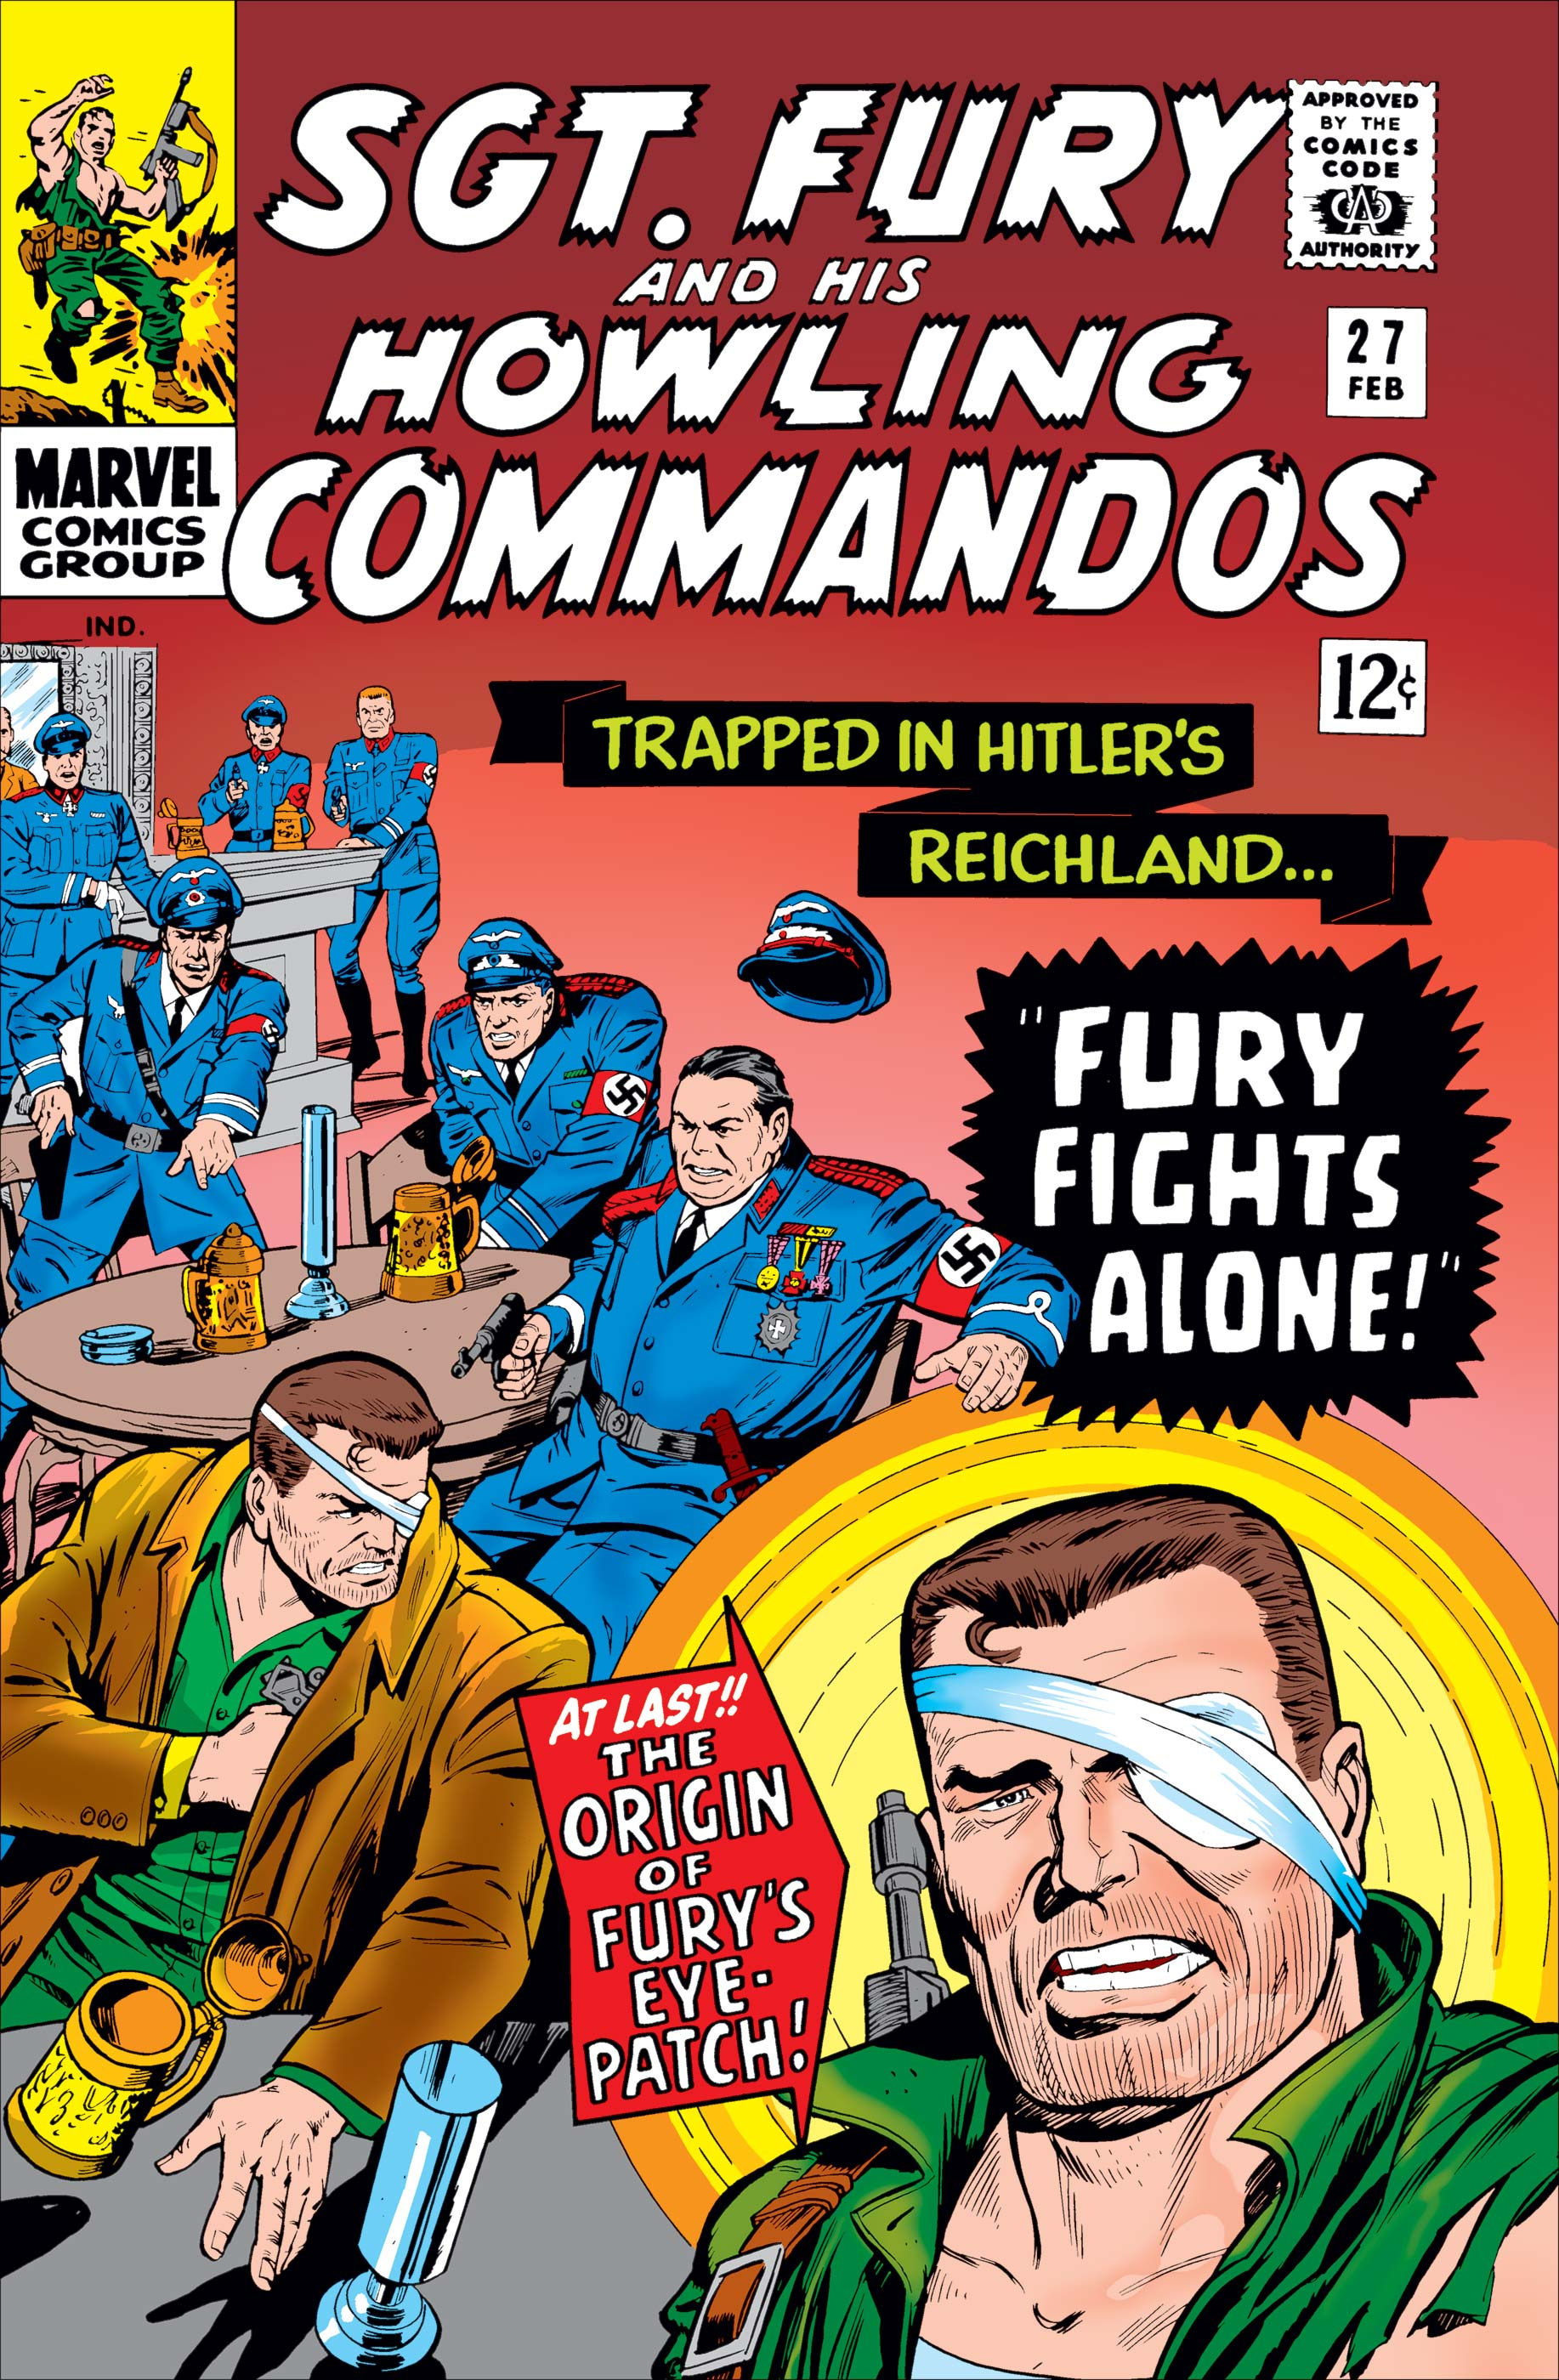 Sgt. Fury (1963) #27